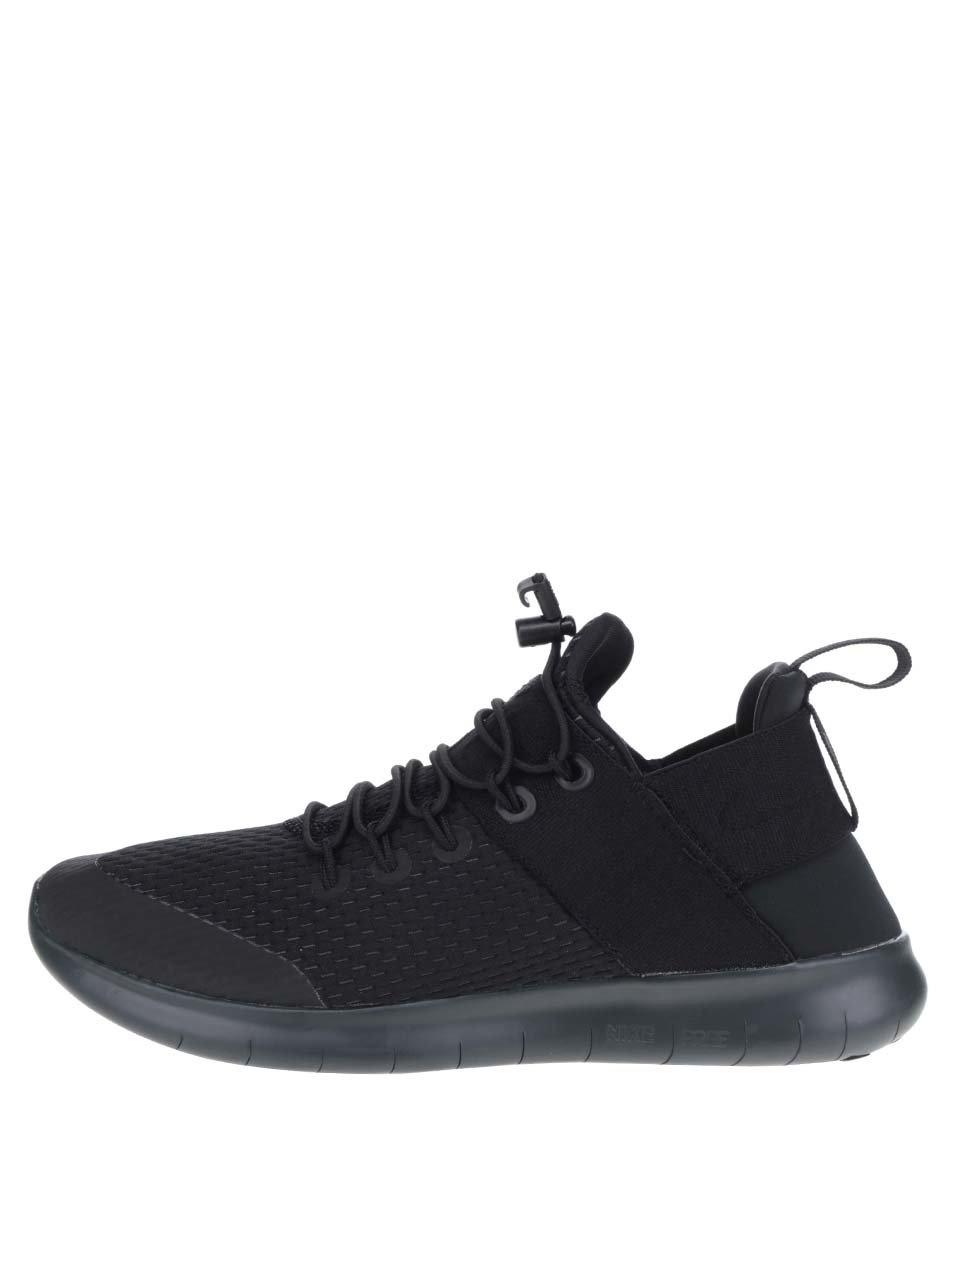 Černé dámské tenisky Nike Free Commuter